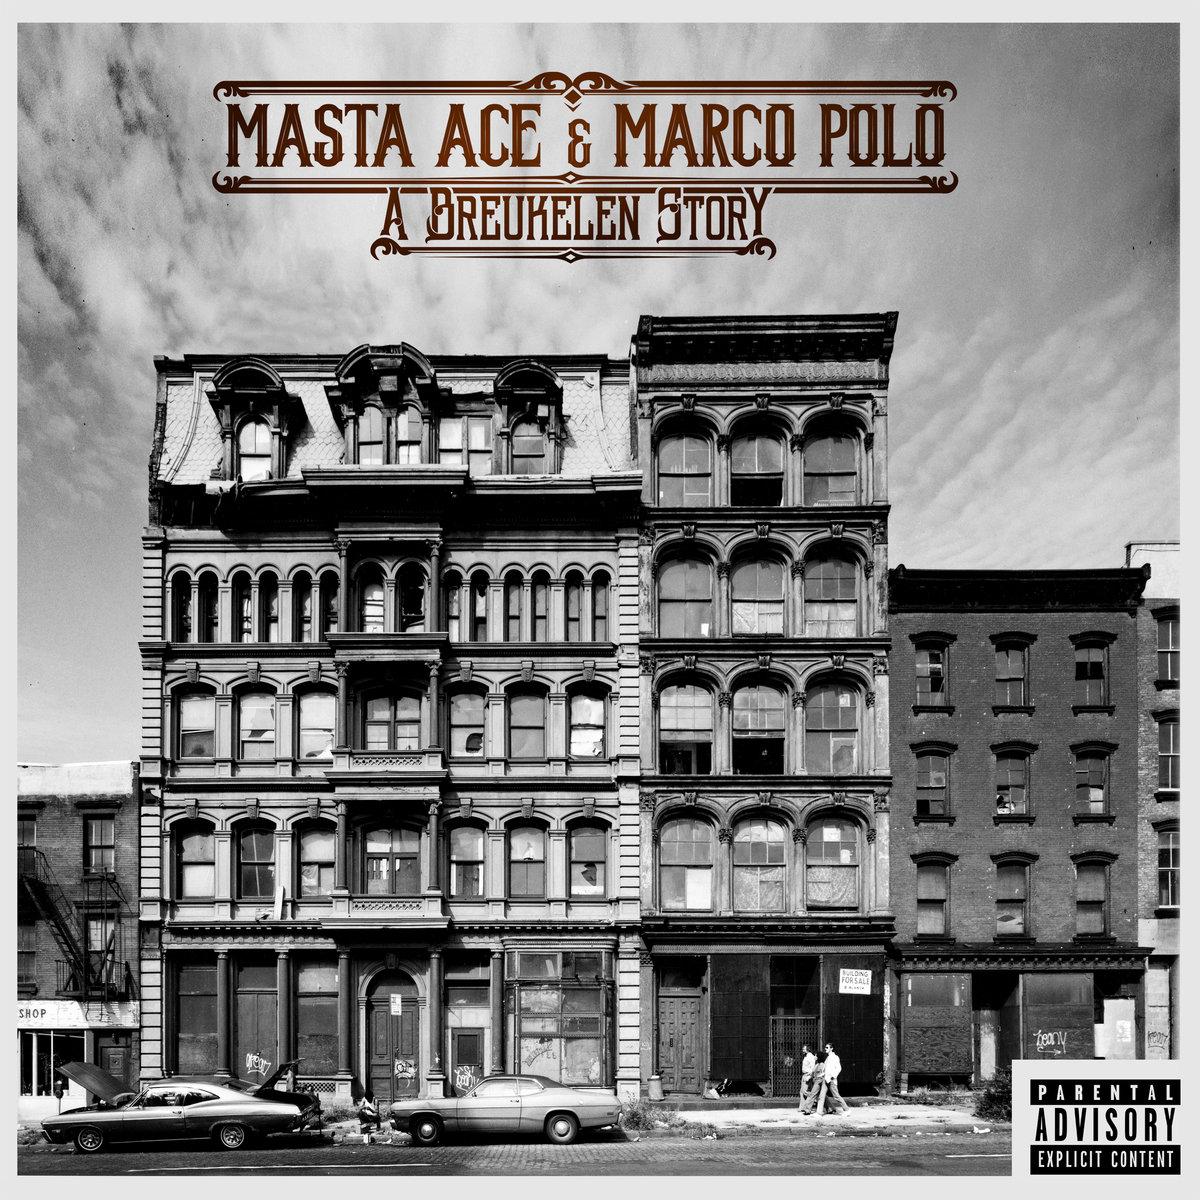 A BREUKELEN STORY - MASTA ACE & MARCO POLO